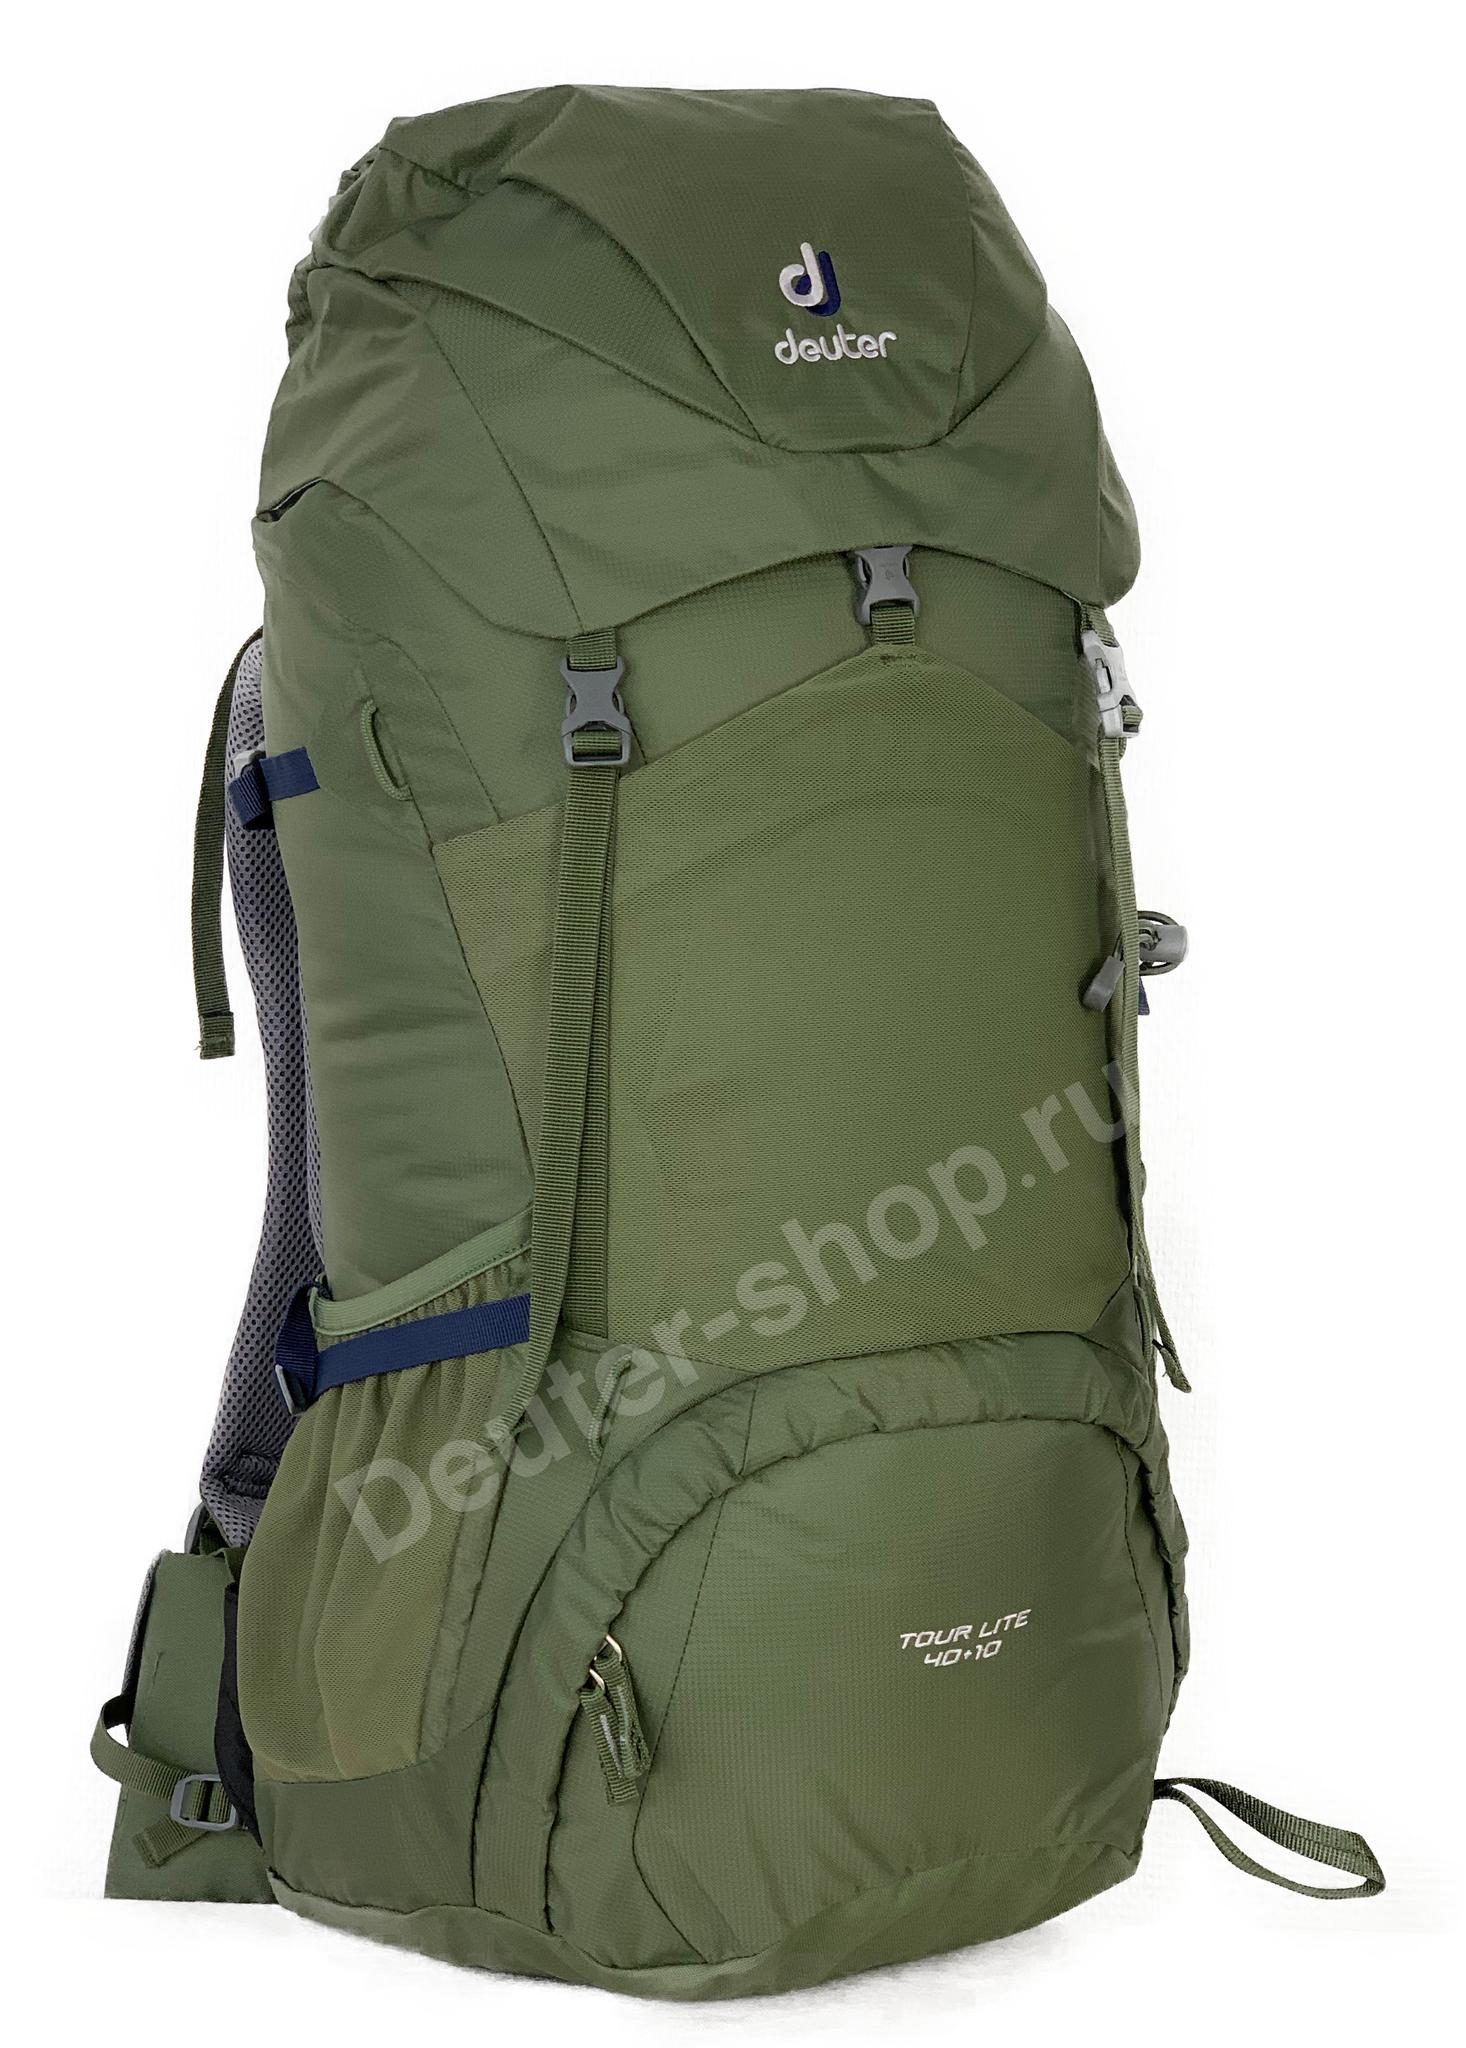 Туристические рюкзаки большие Рюкзак Deuter Tour Lite 40 + 10 (2020) 18756520-65BF-4751-B237-0B5ACDE58D49.jpeg